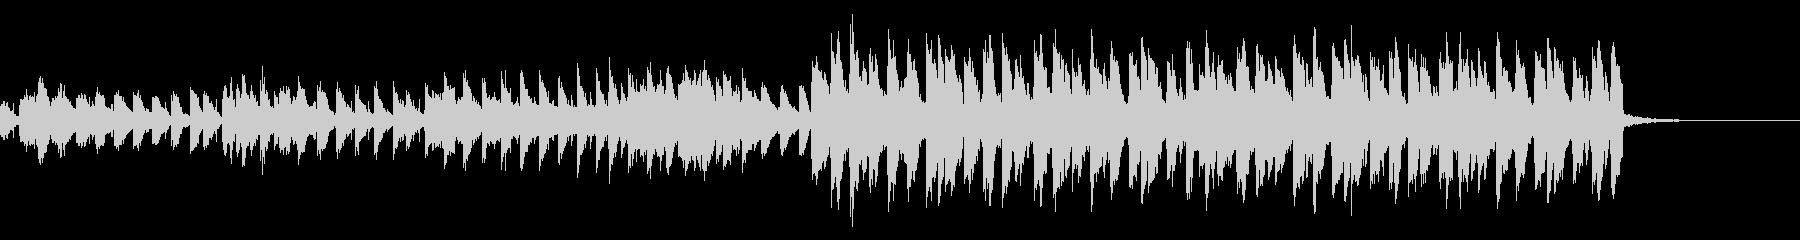 ほのぼのした変則ビートの未再生の波形